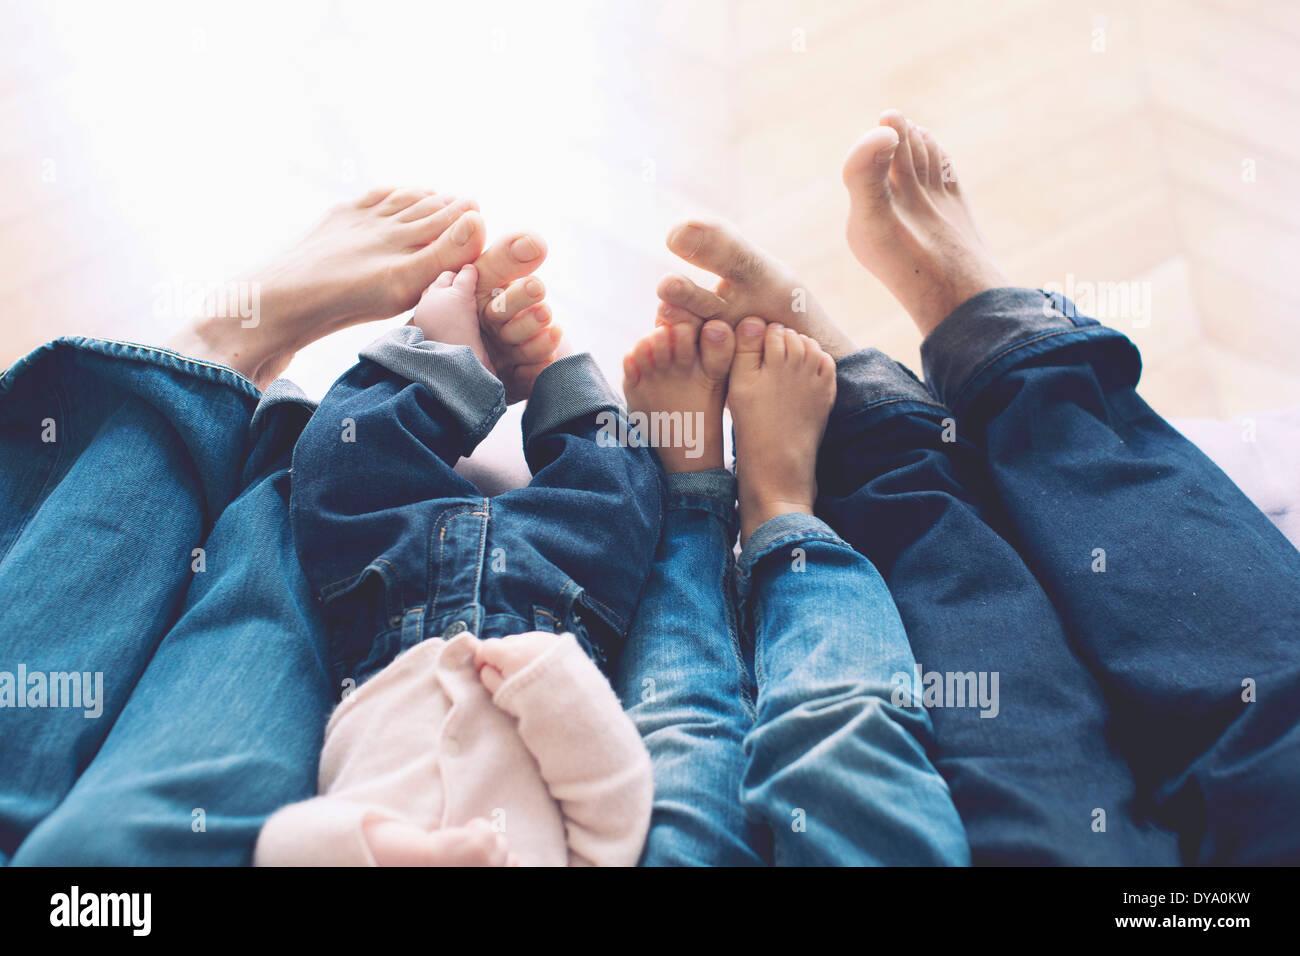 Ausgestreckten Beinen und barfuss Familie mit zwei Kindern Stockfoto